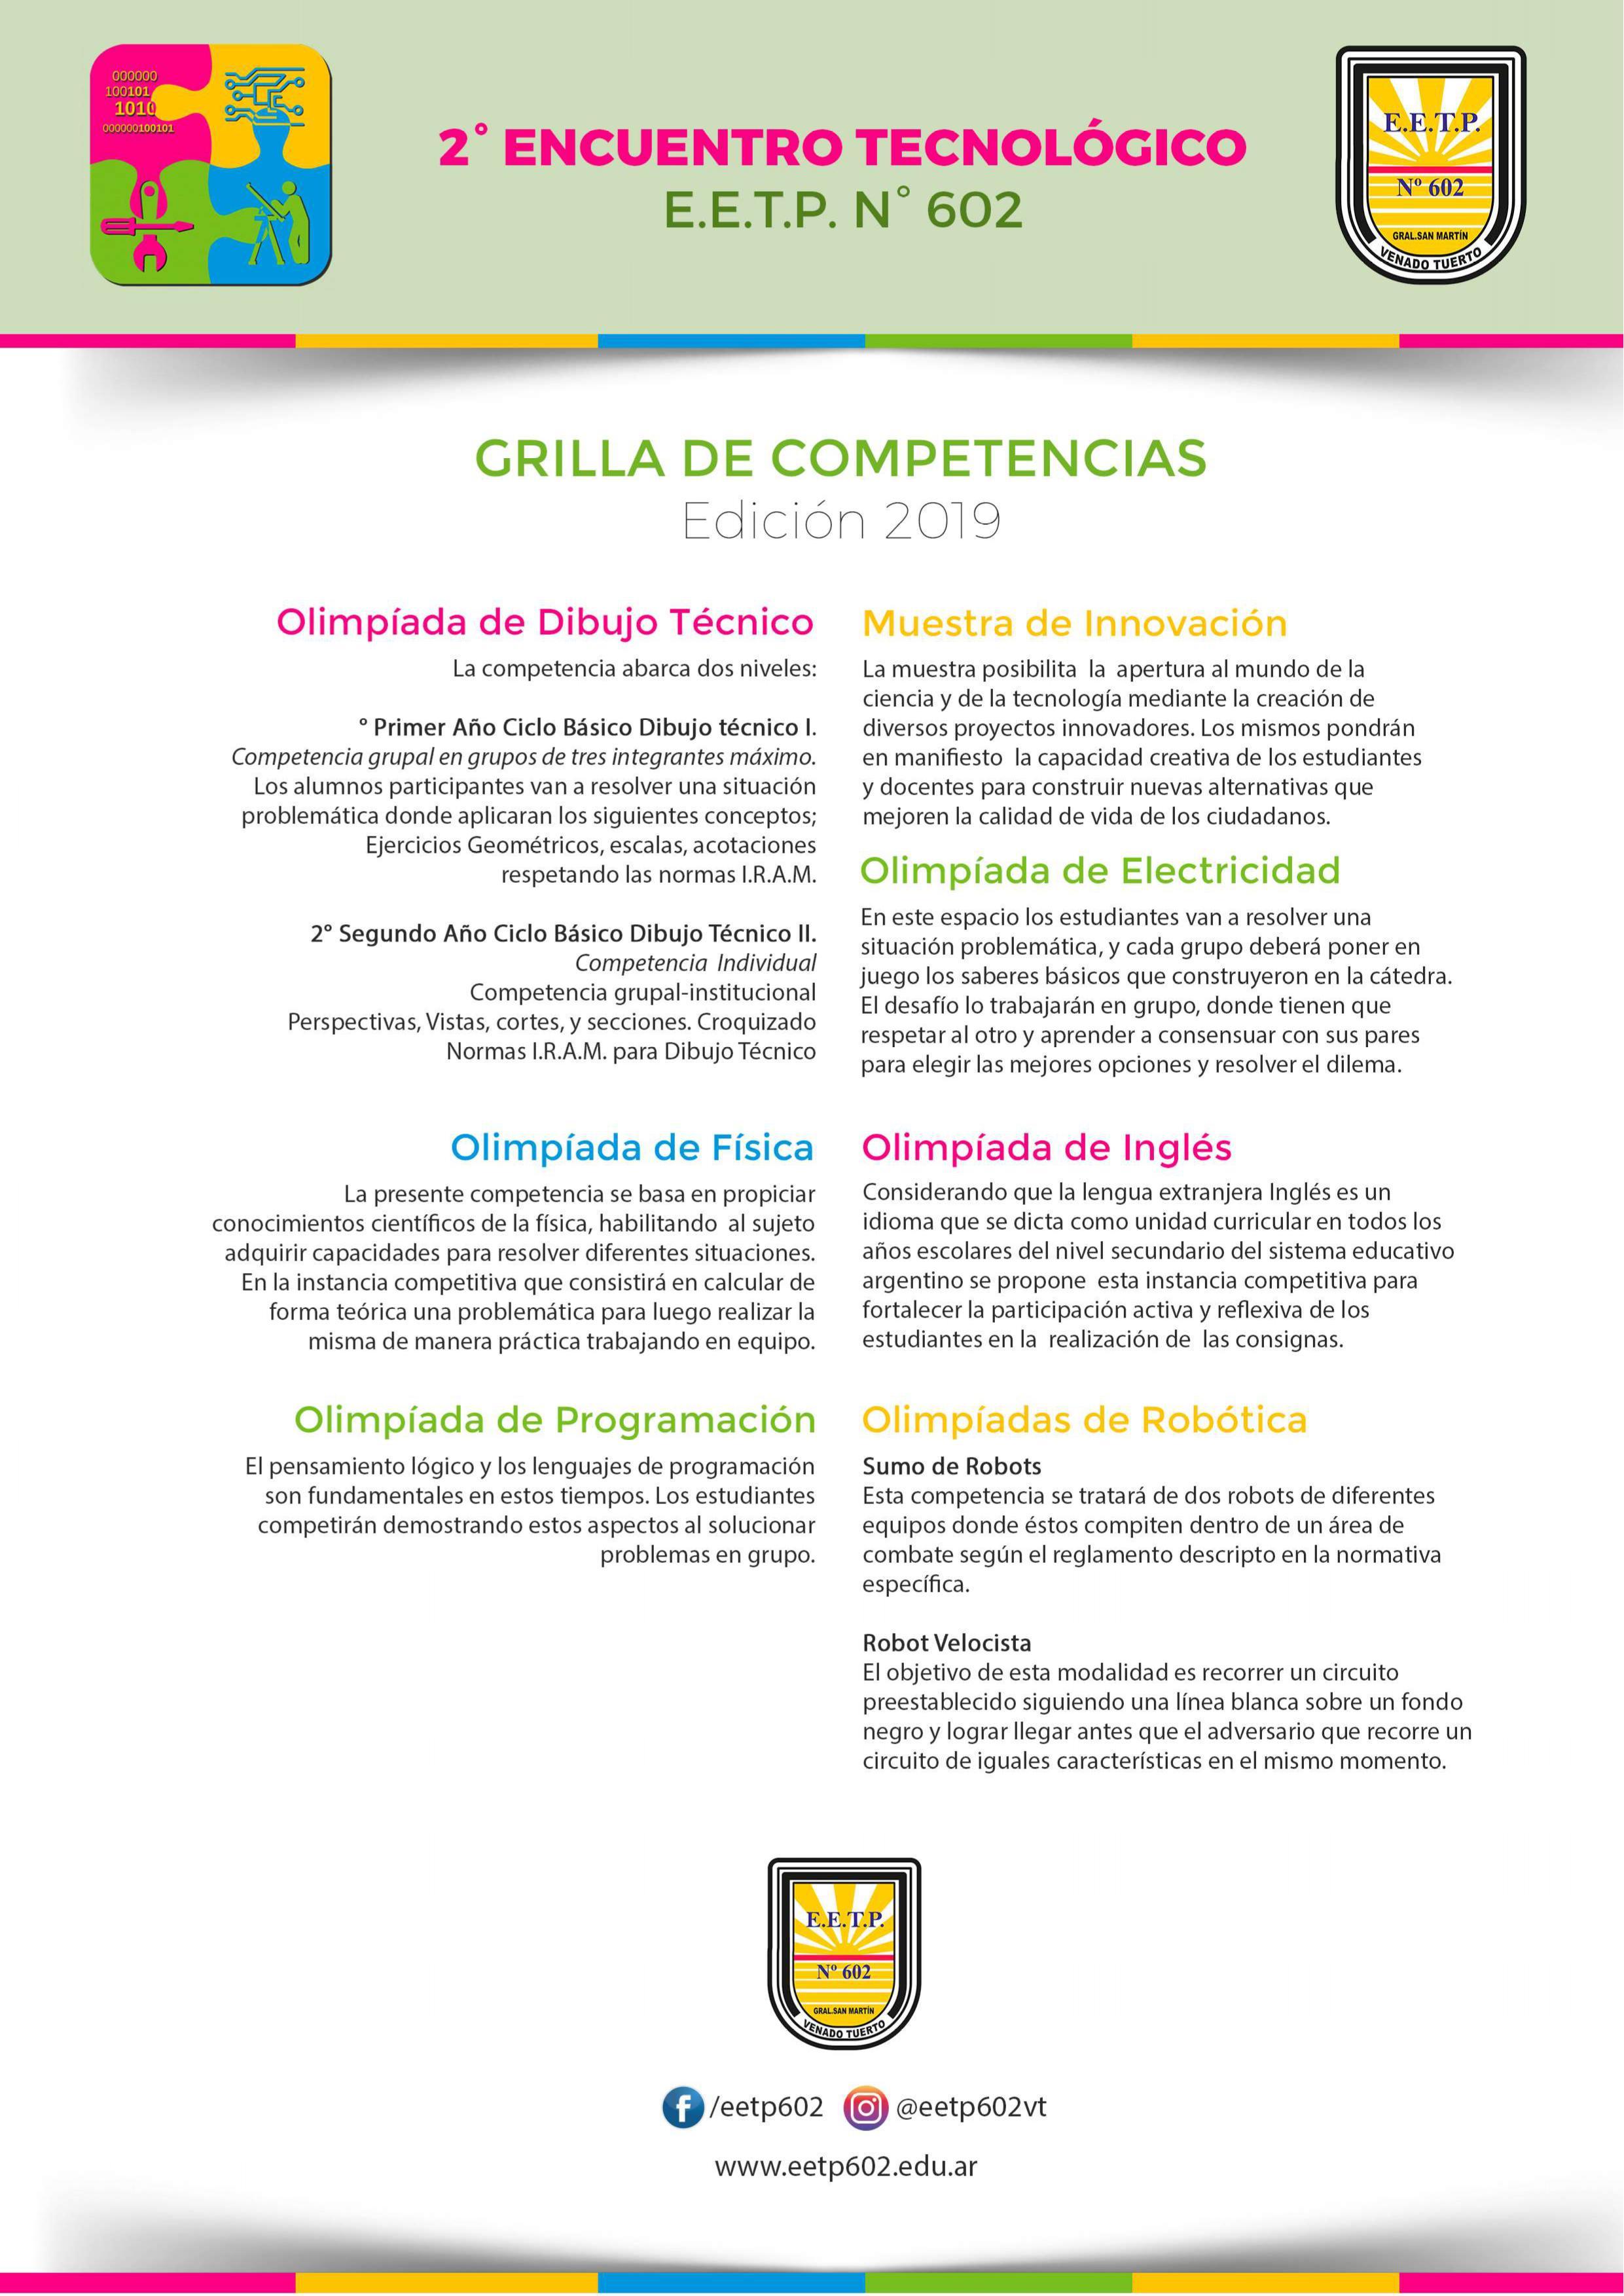 2do_Encuentro_Tecnologico_EETPN602_2019_Web